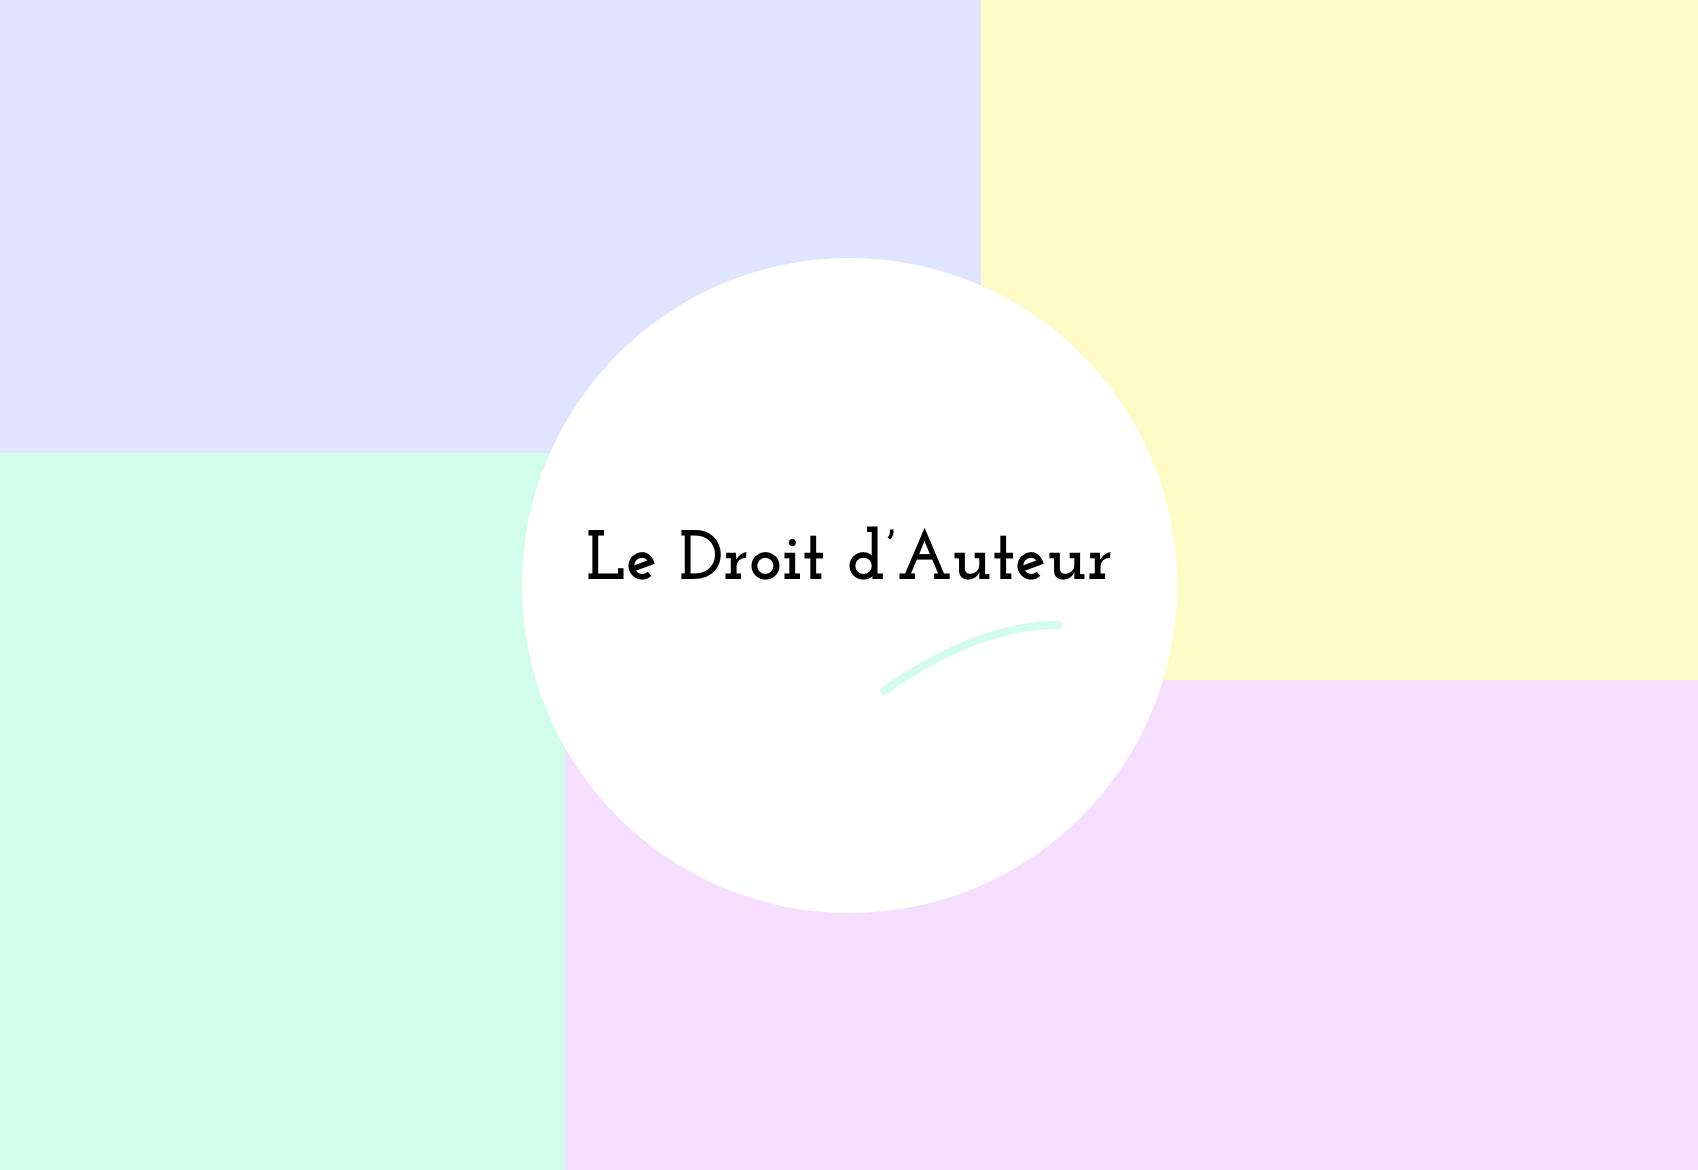 Les Droits D Auteurs Dans Les Metiers Graphiques Amelie Rimbaud